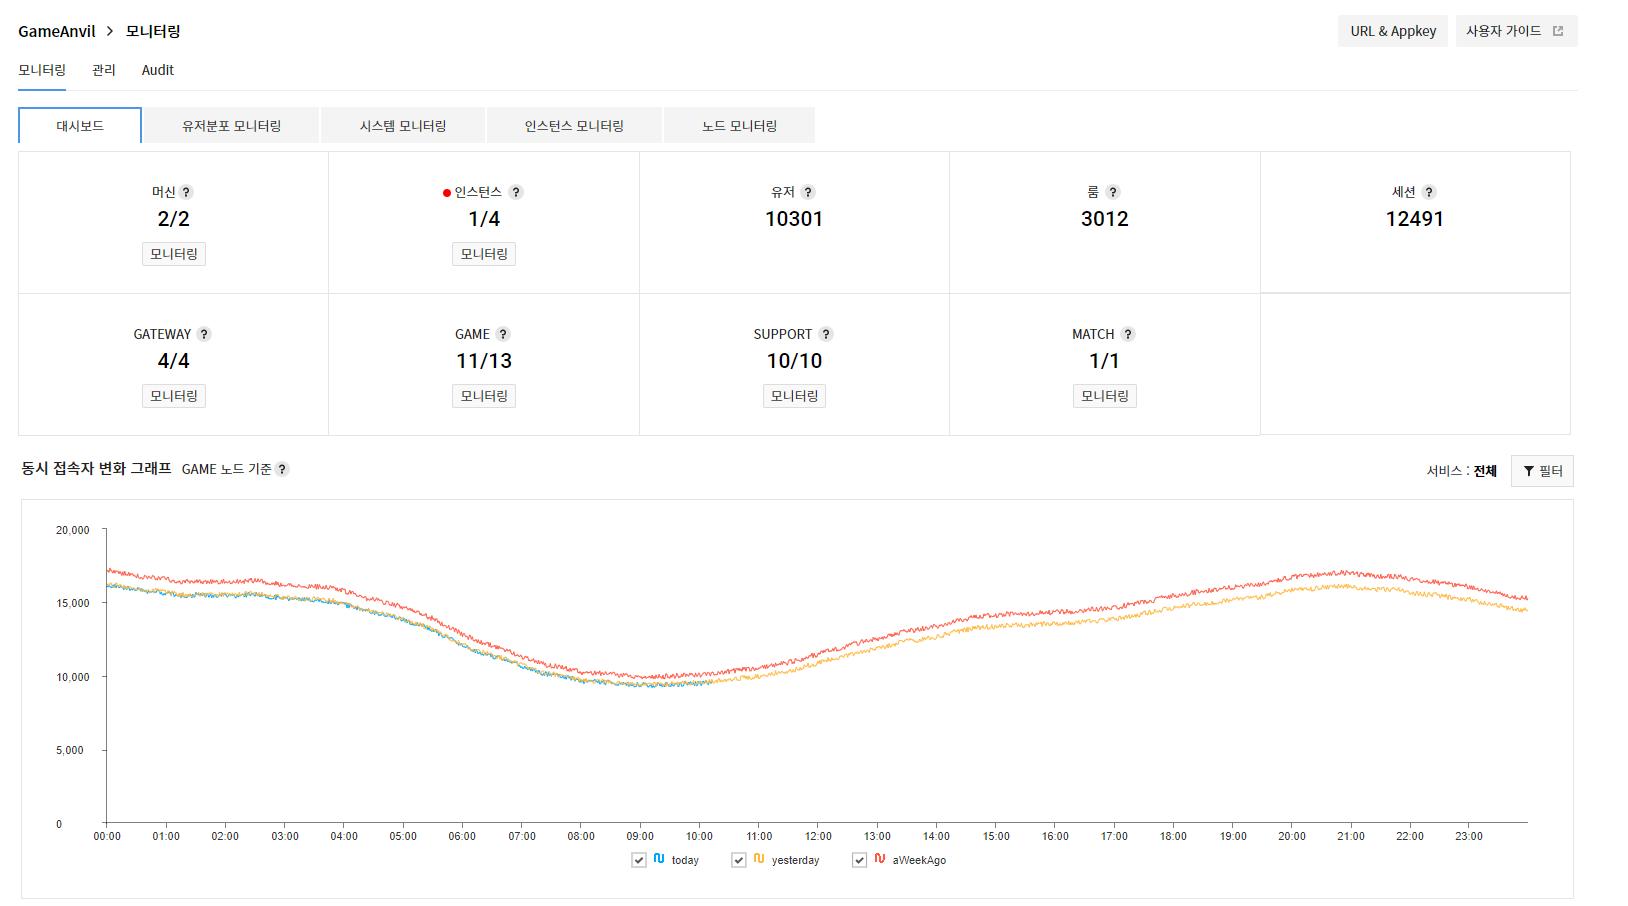 monitoring_dashboard_main